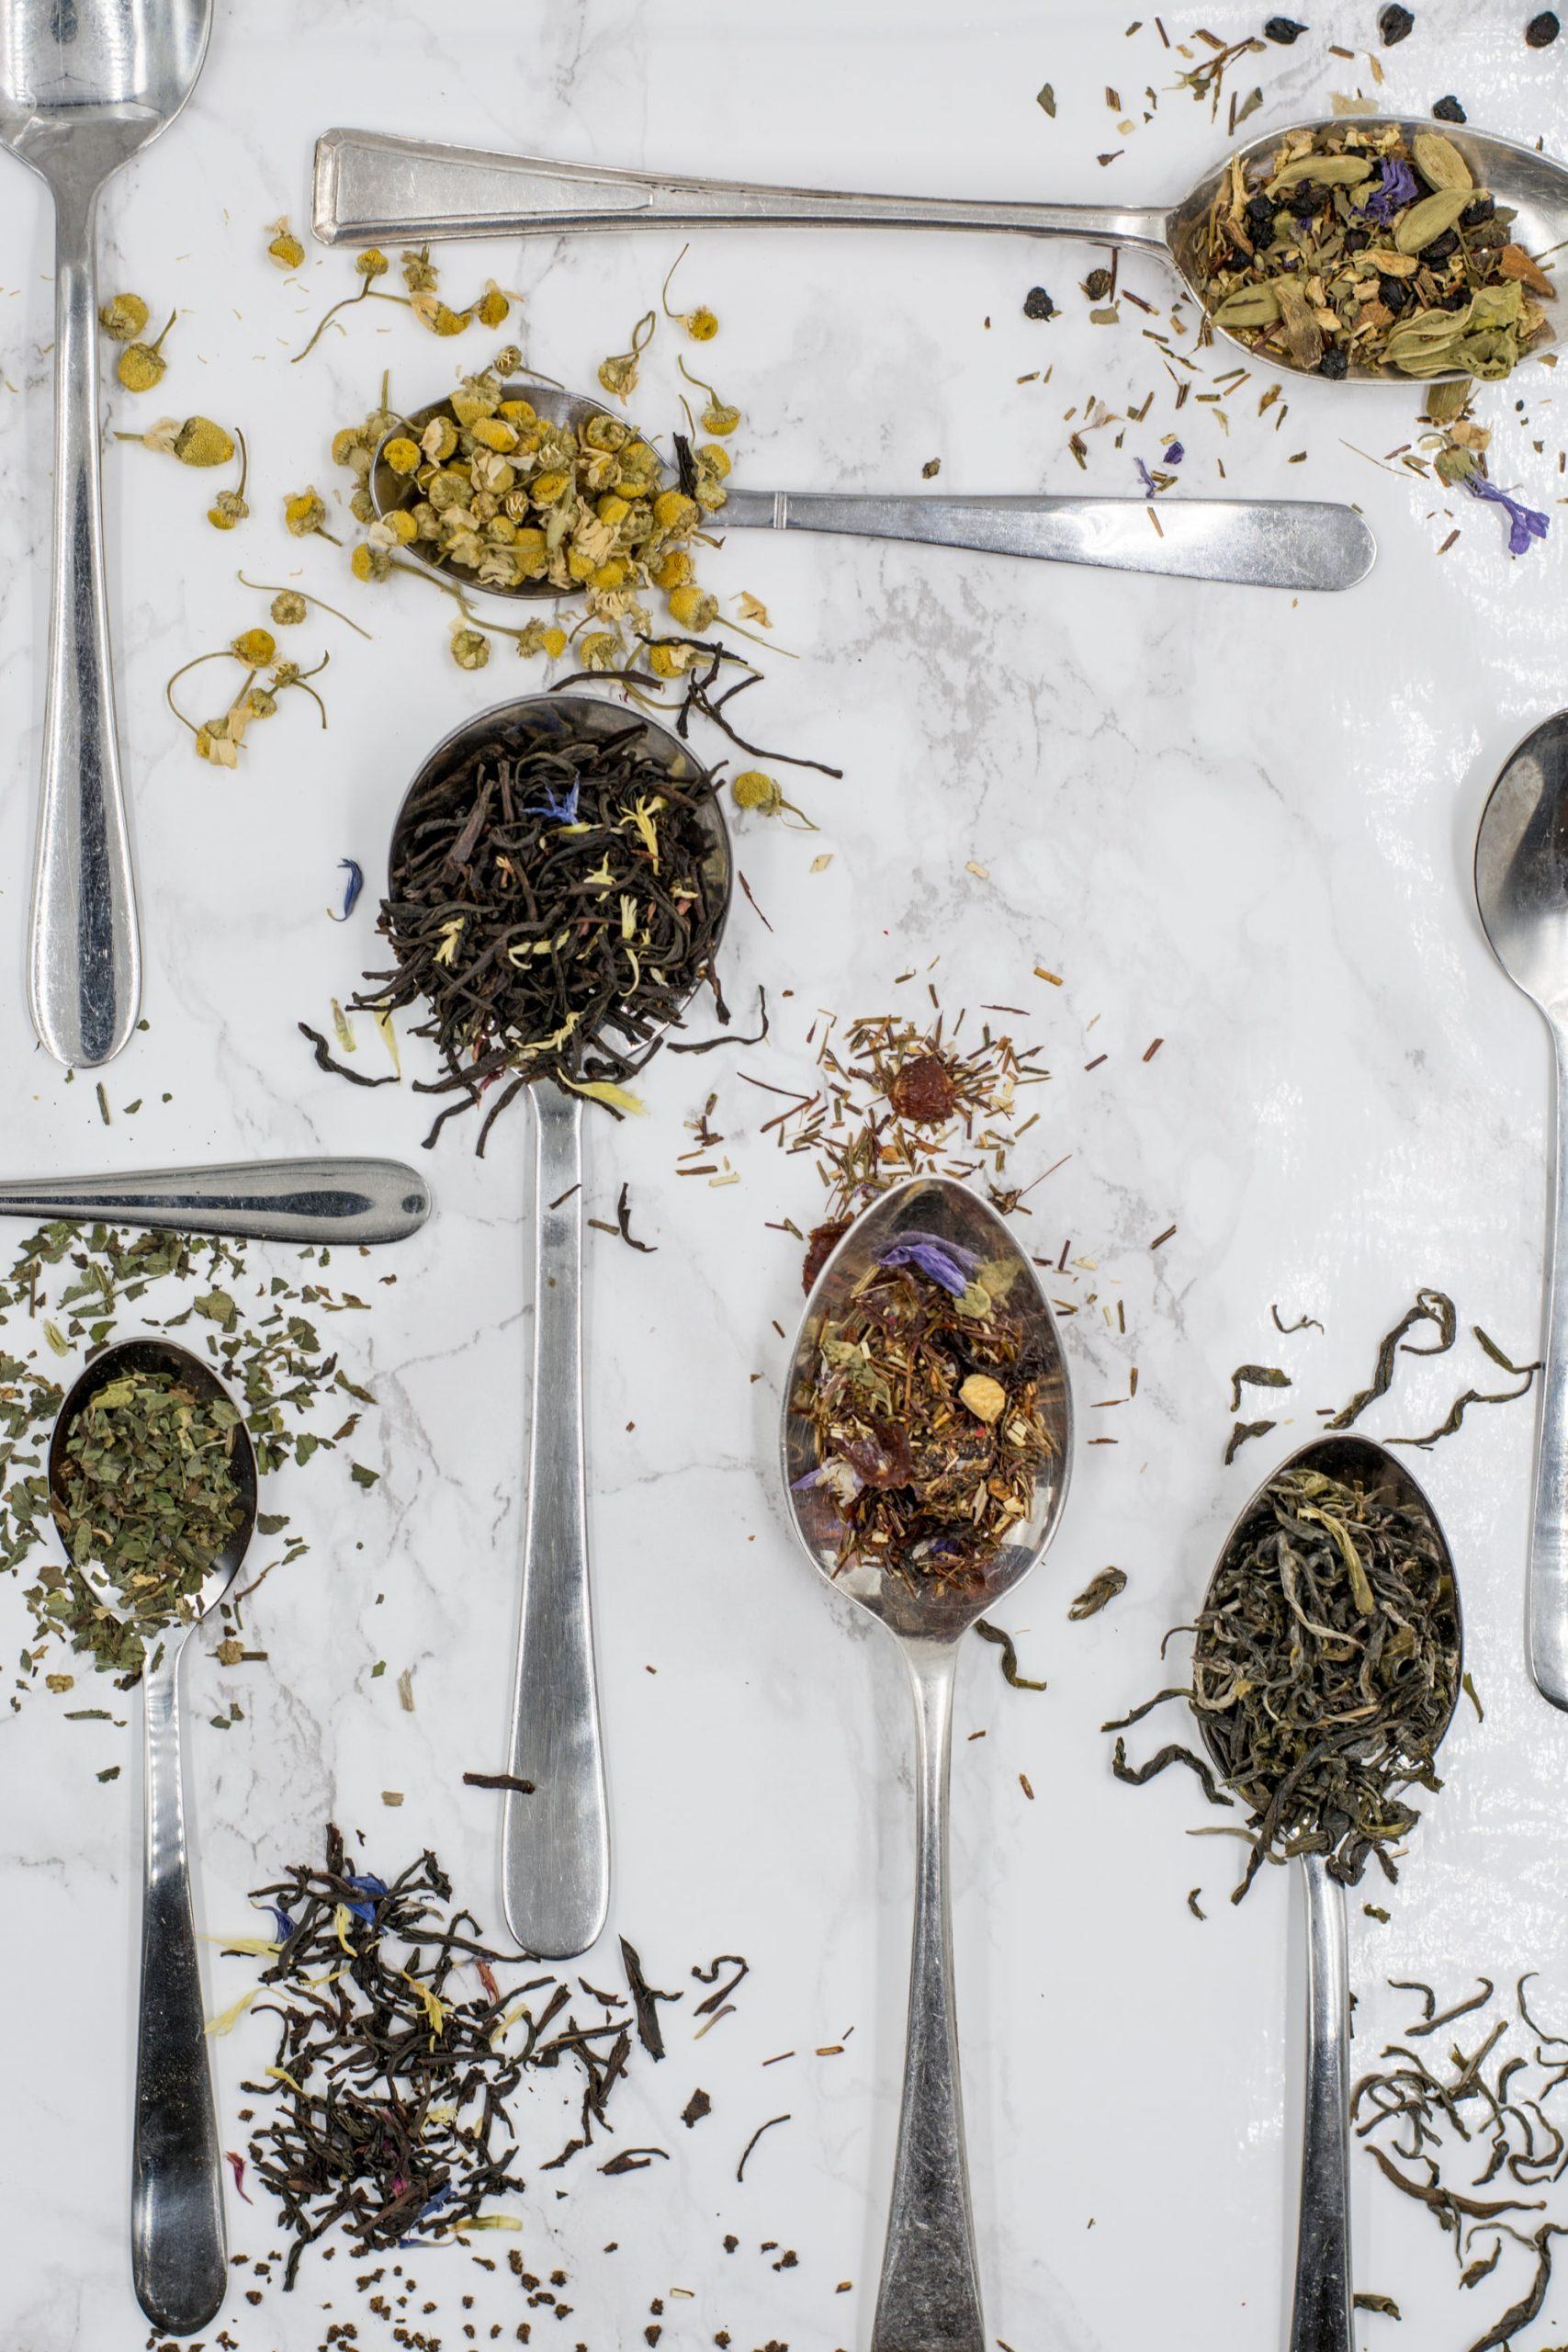 loose leaf tea leaves on spoons